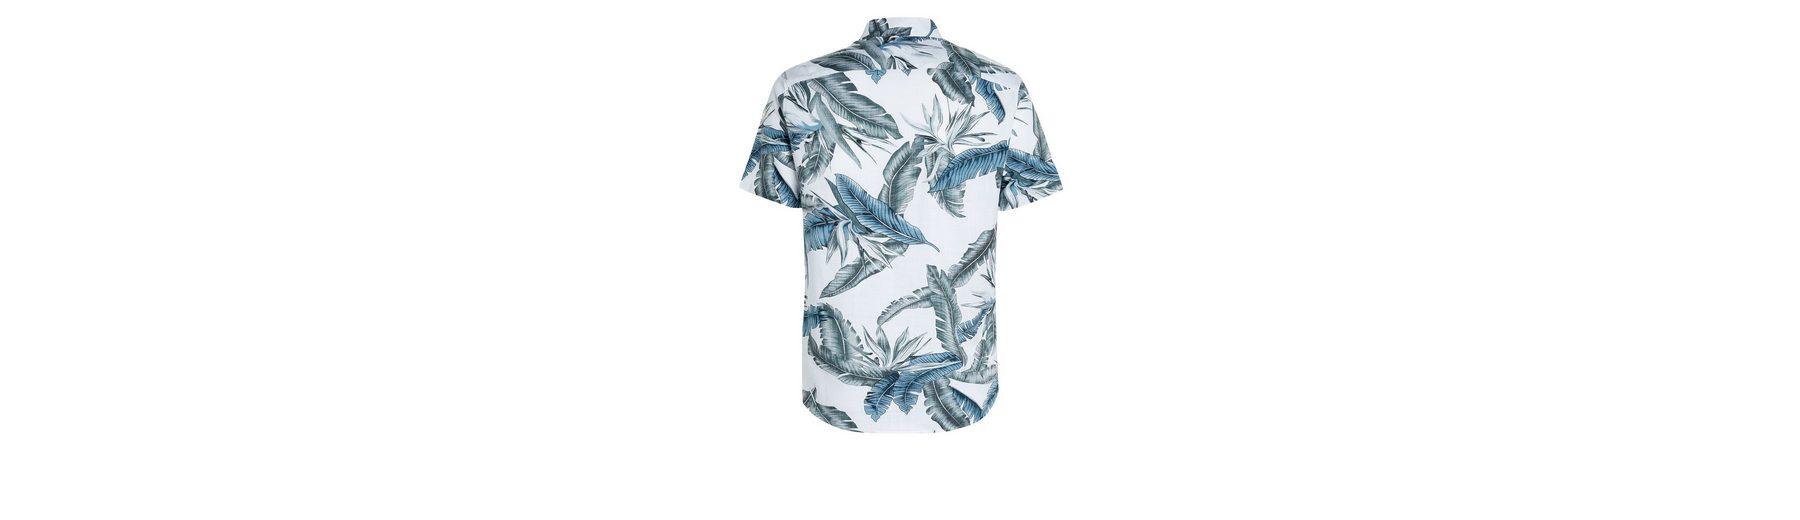 Zum Verkauf Zum Verkauf Next Kurzärmeliges Hemd Perfekt Sie Günstig Online Authentisch Professioneller Günstiger Preis Für Schön Zu Verkaufen egU1tOy